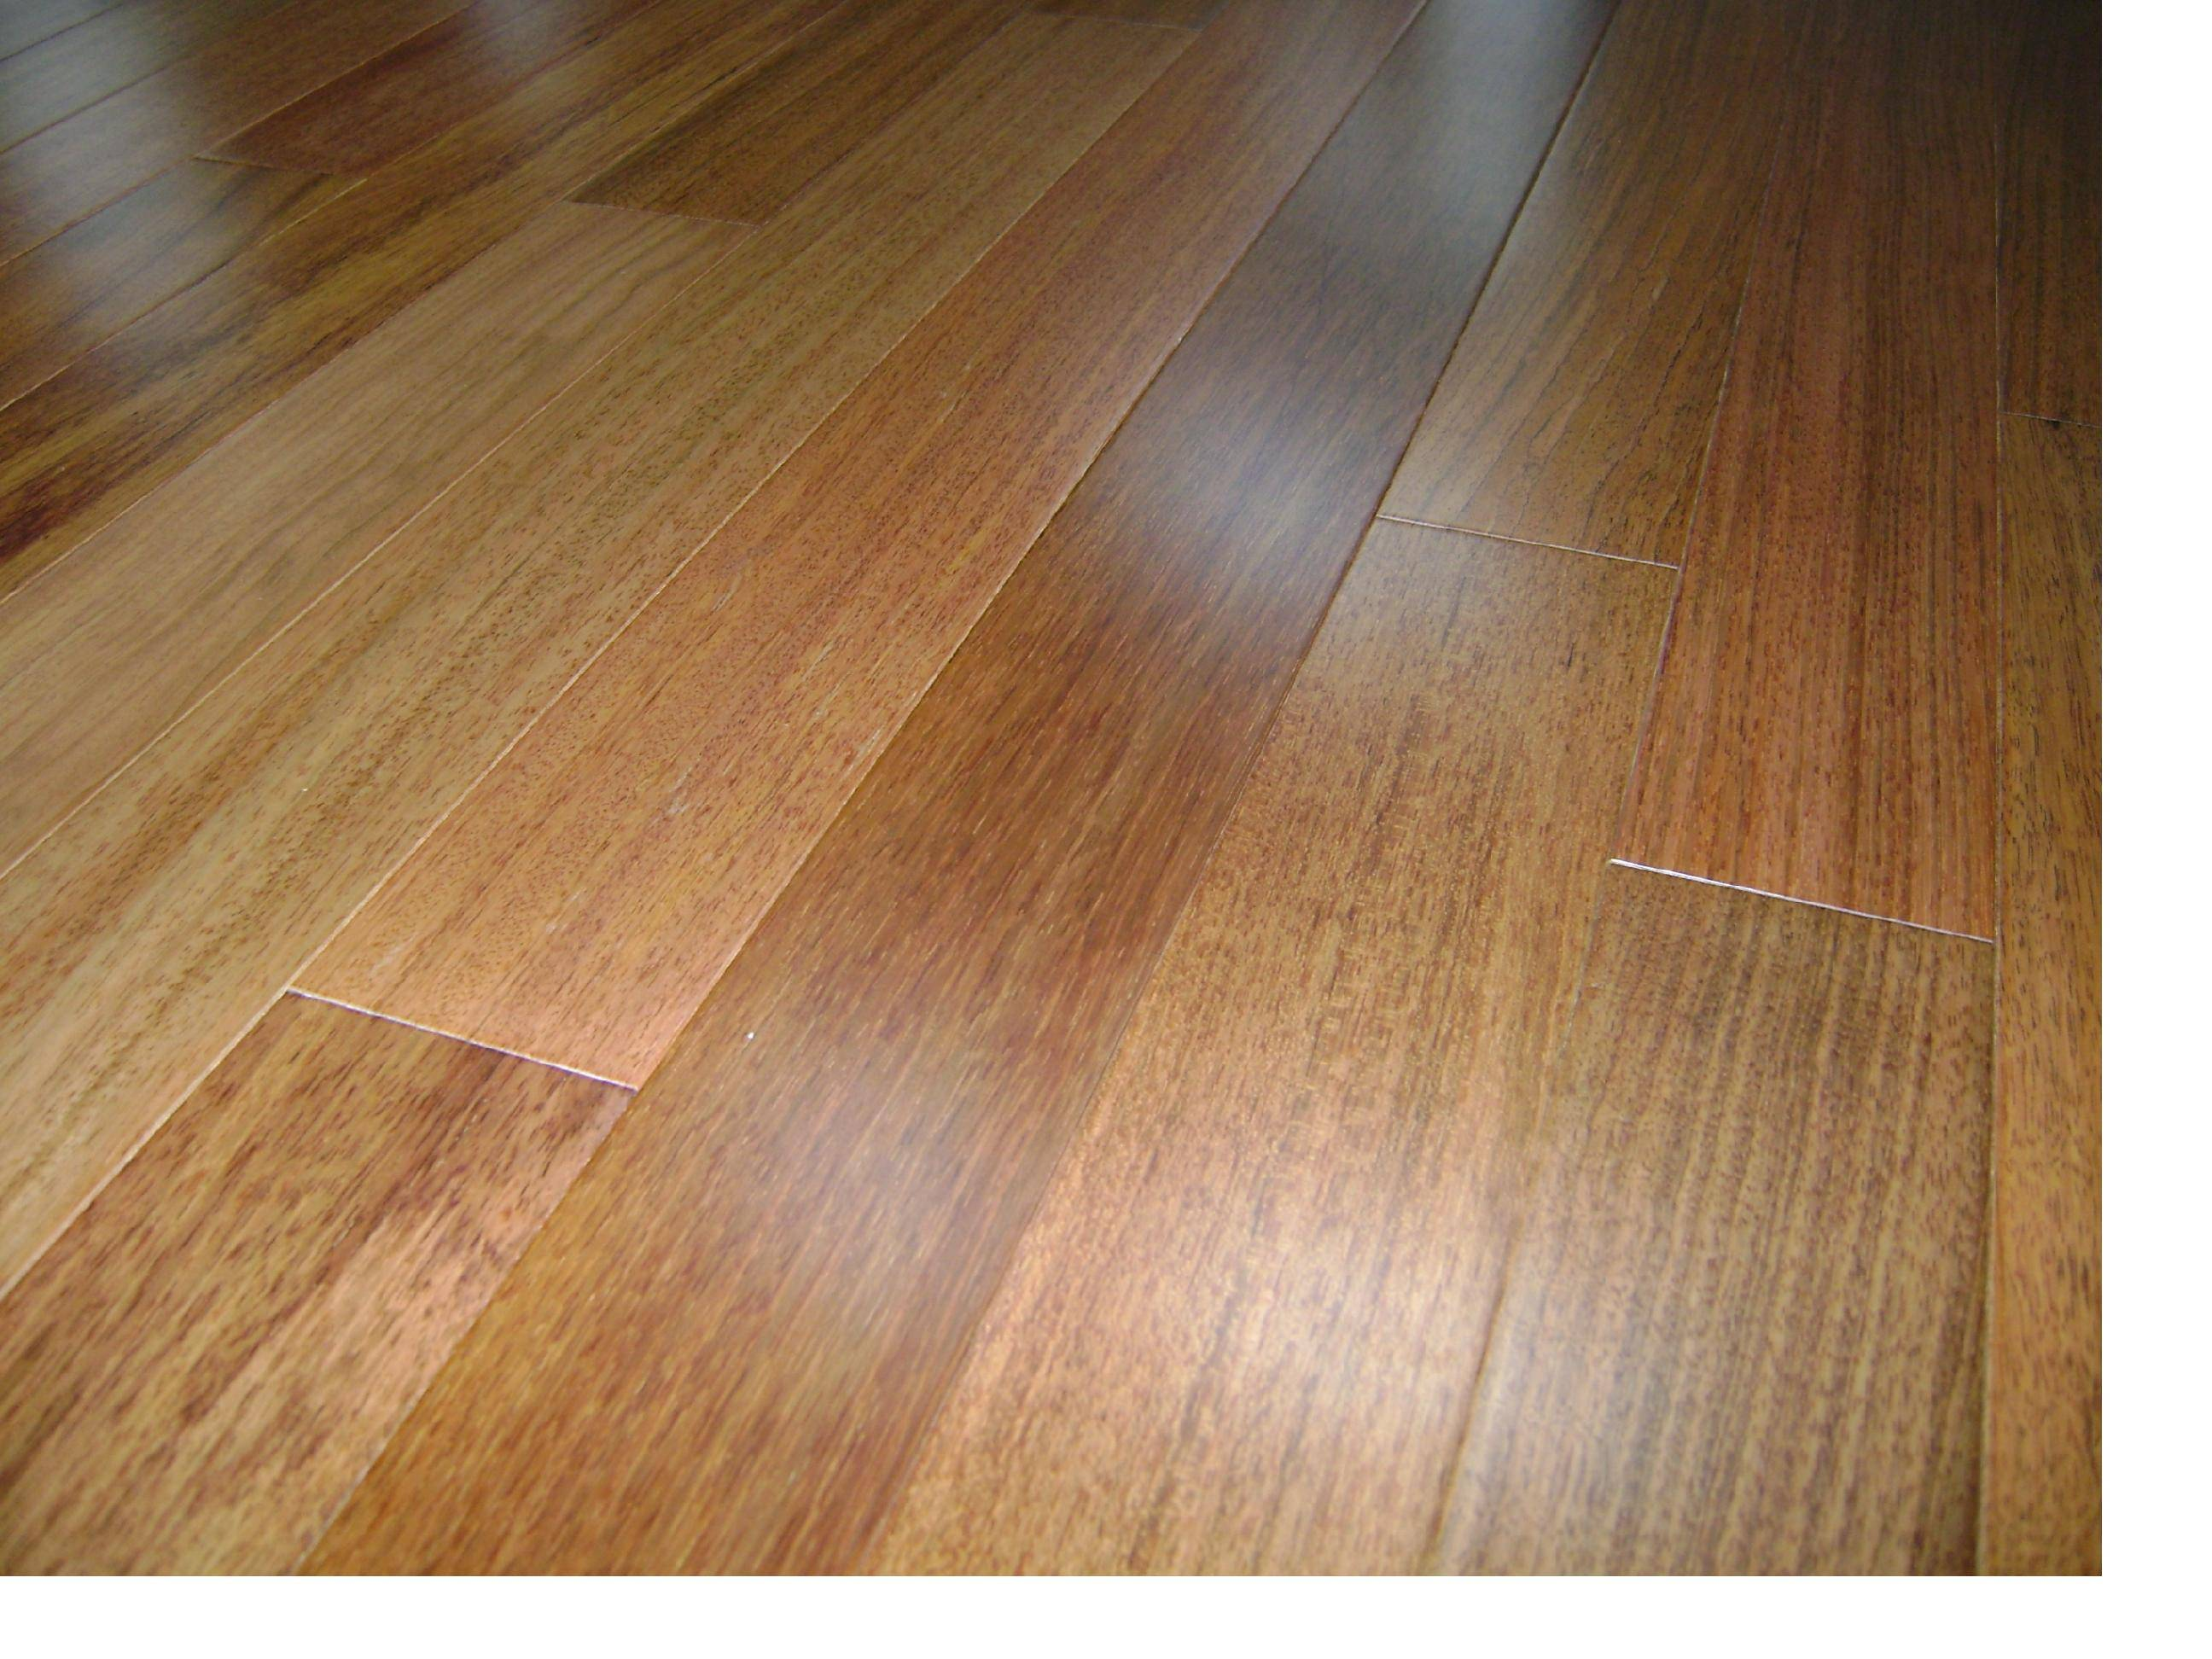 Jatoba flooring